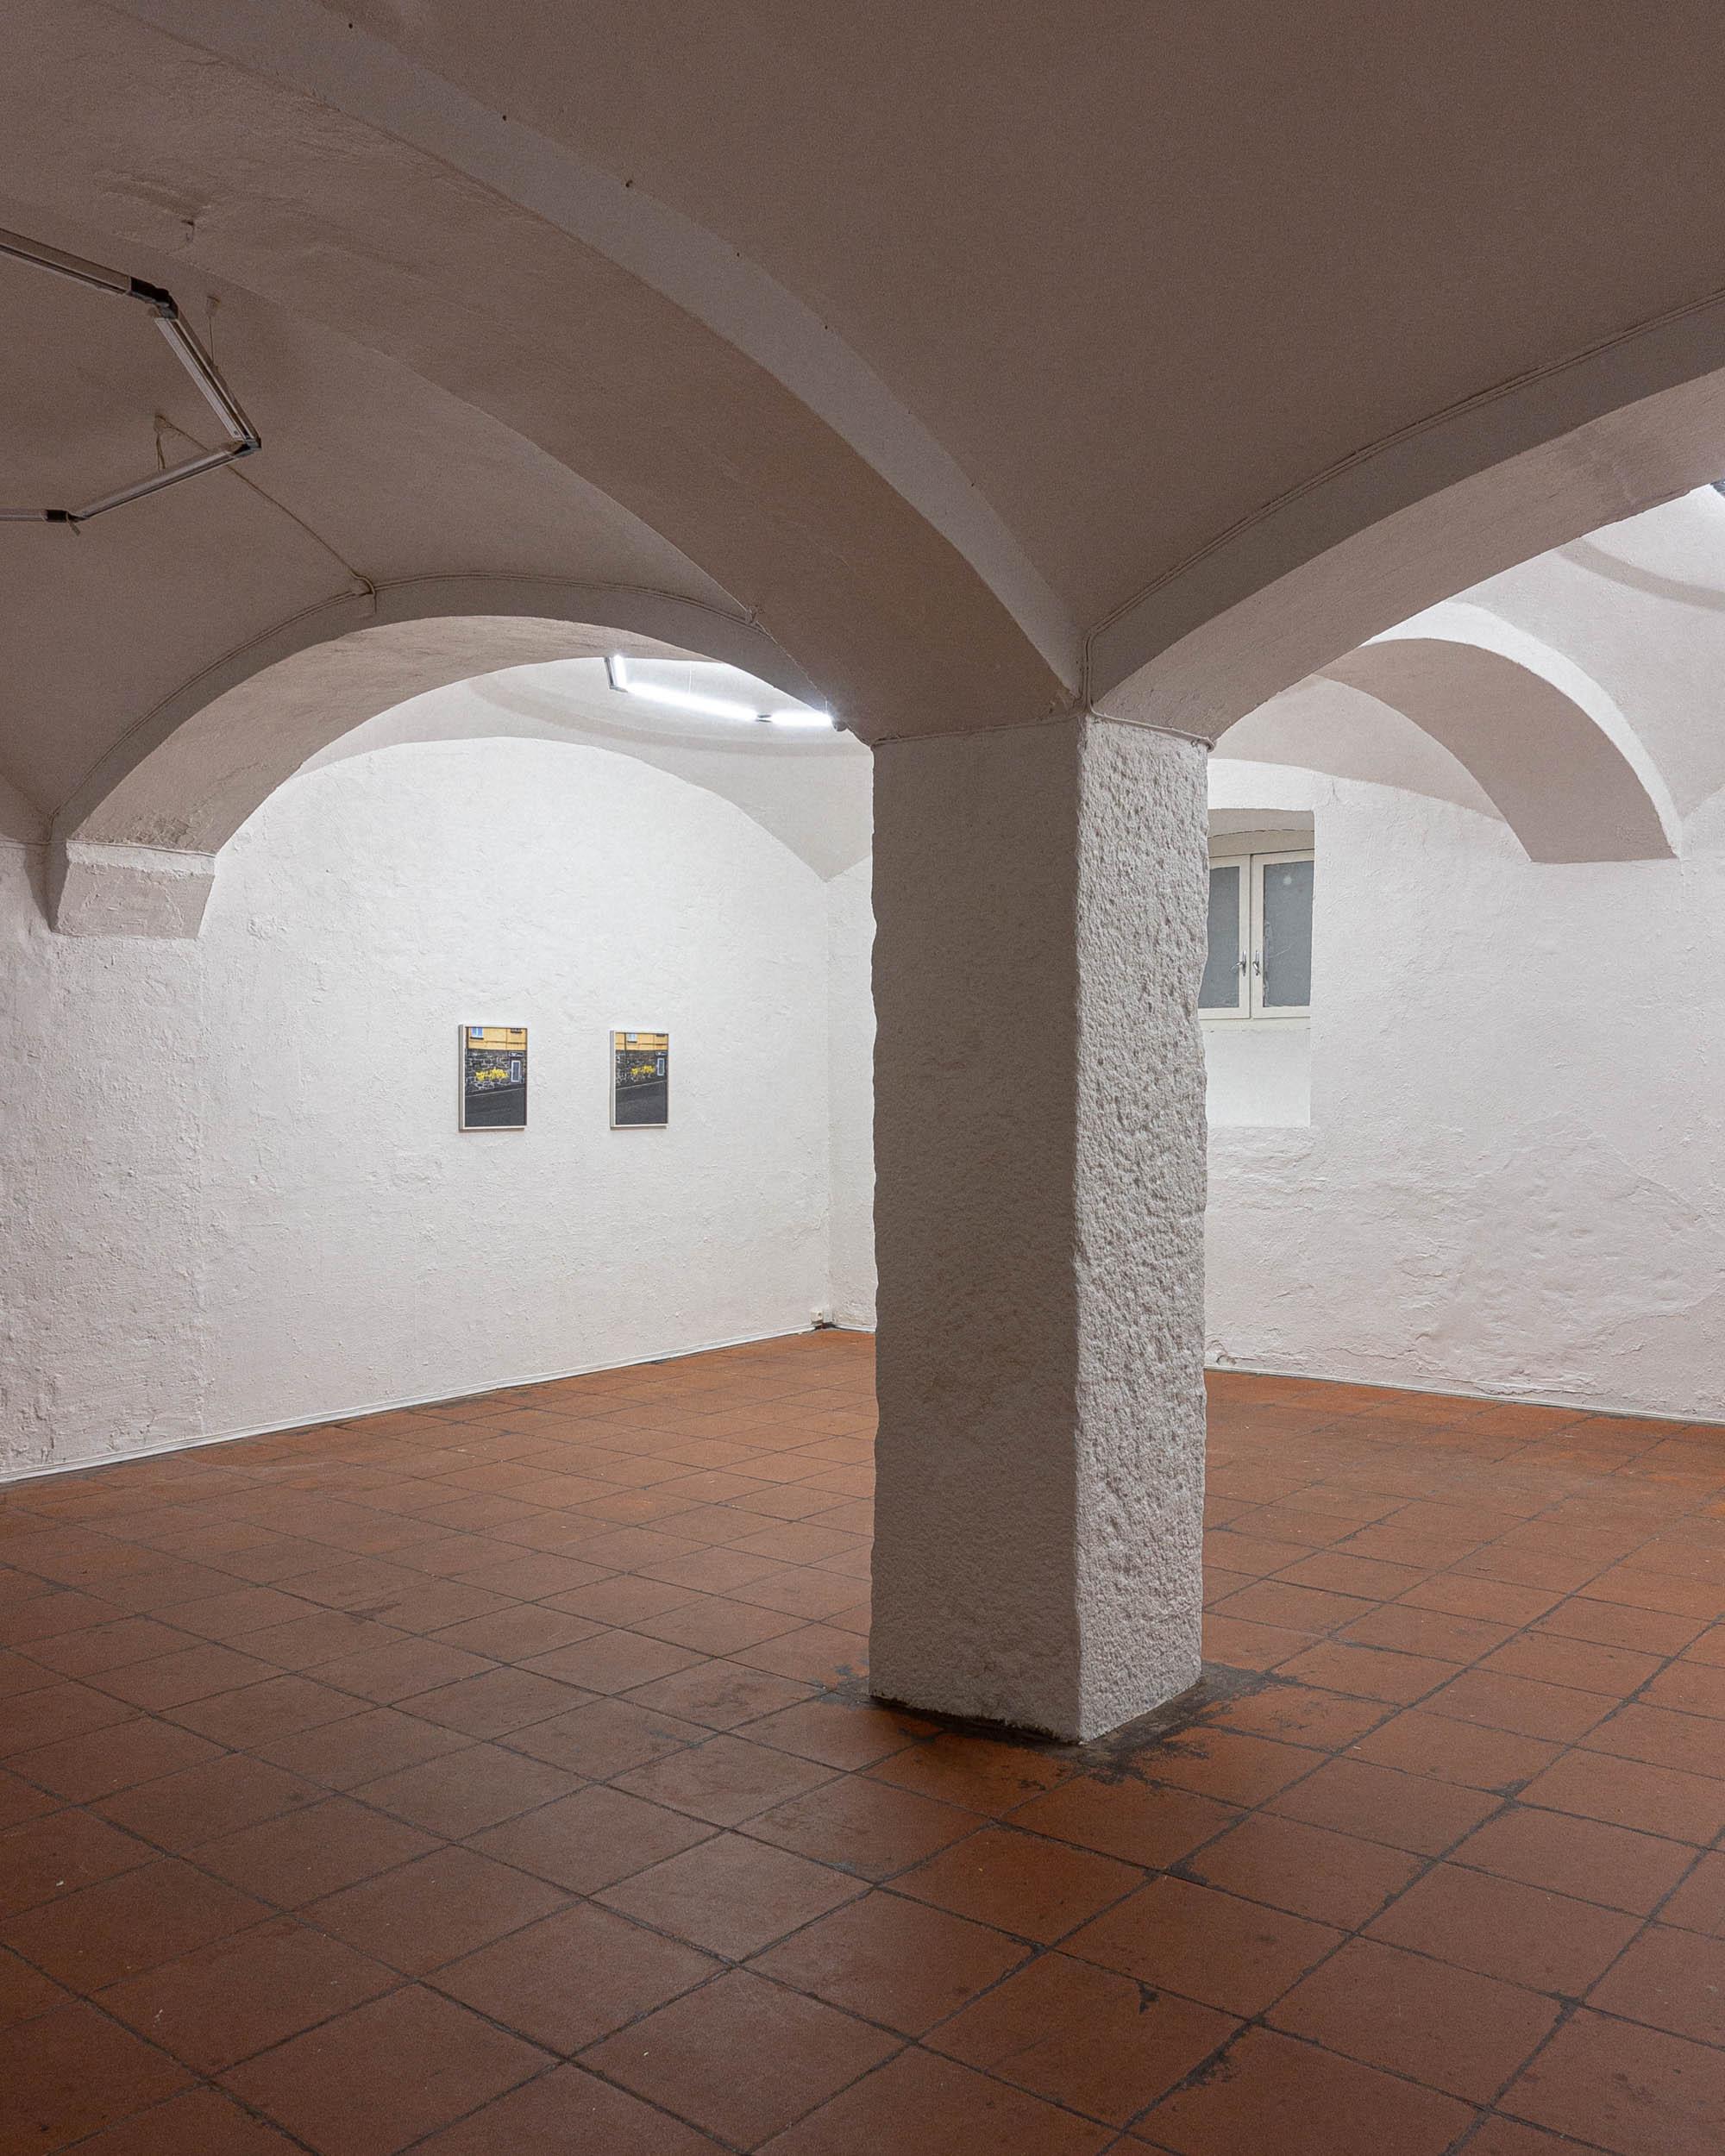 Hulias gallery space